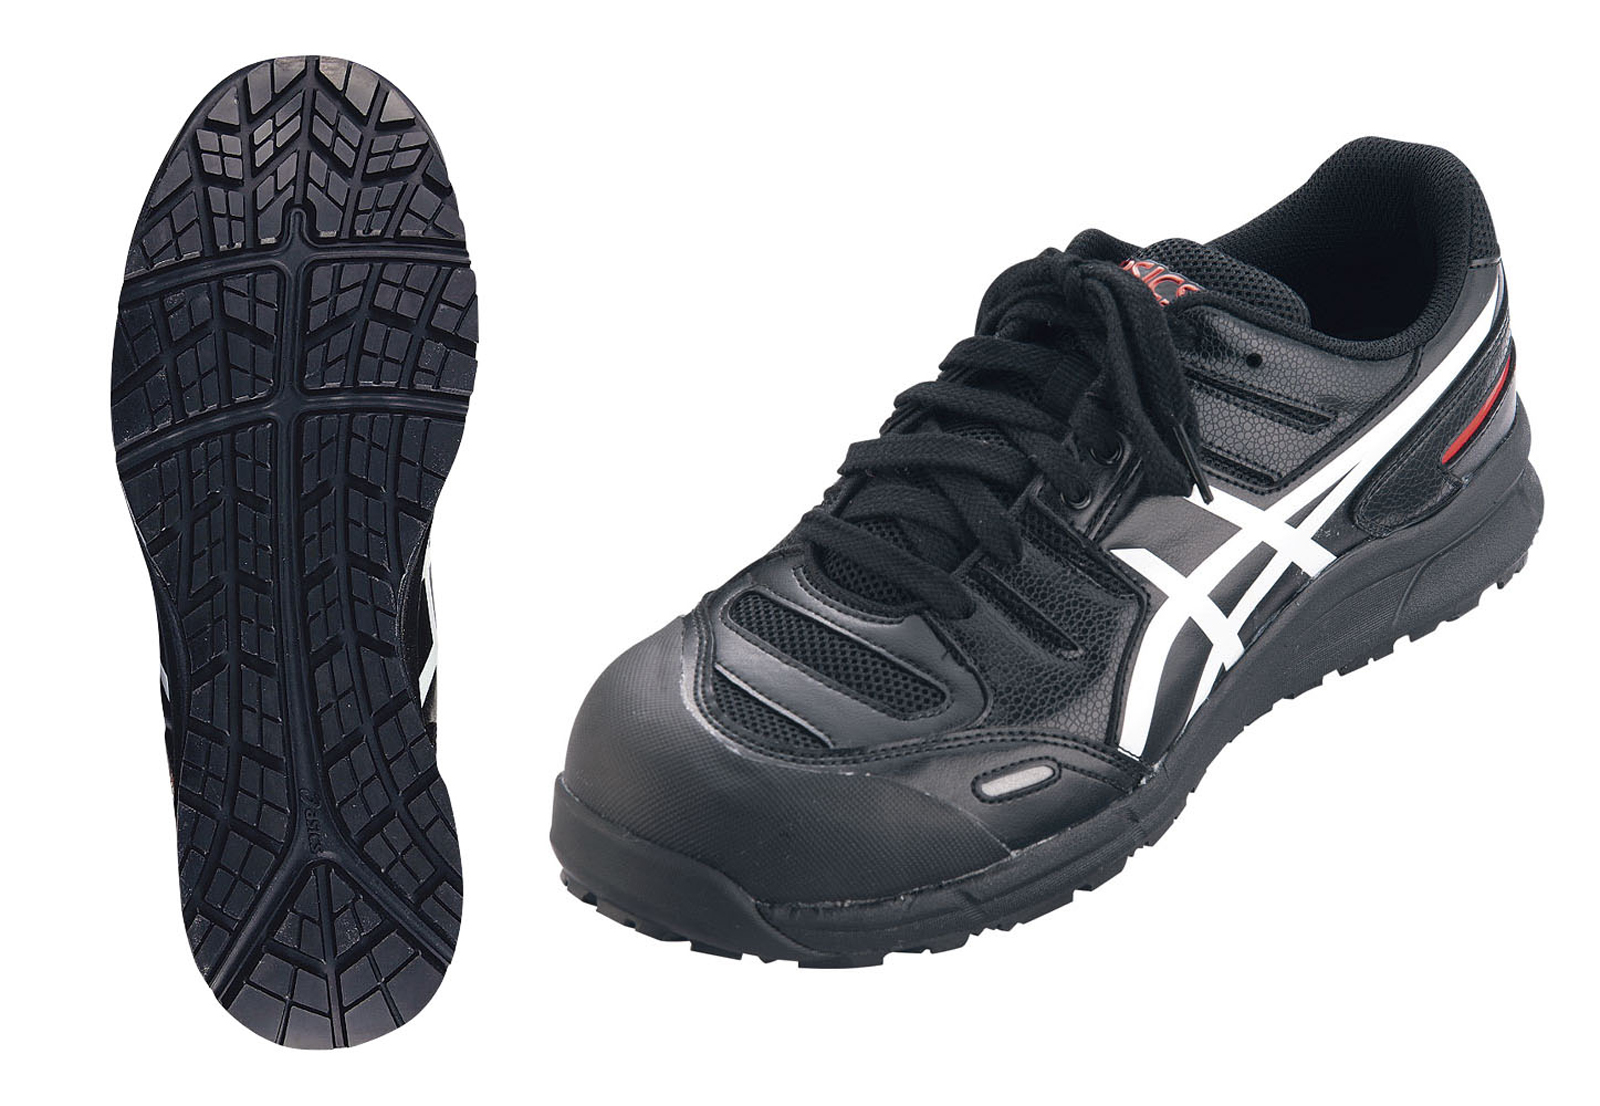 アシックス ウィンジョブ安全靴CP103 BK×ホワイト 27.5cm 6-1309-0808【厨房用品 長靴 白衣 靴 サンダル スリッパ 業務用 販売 通販】[10P03Dec16]